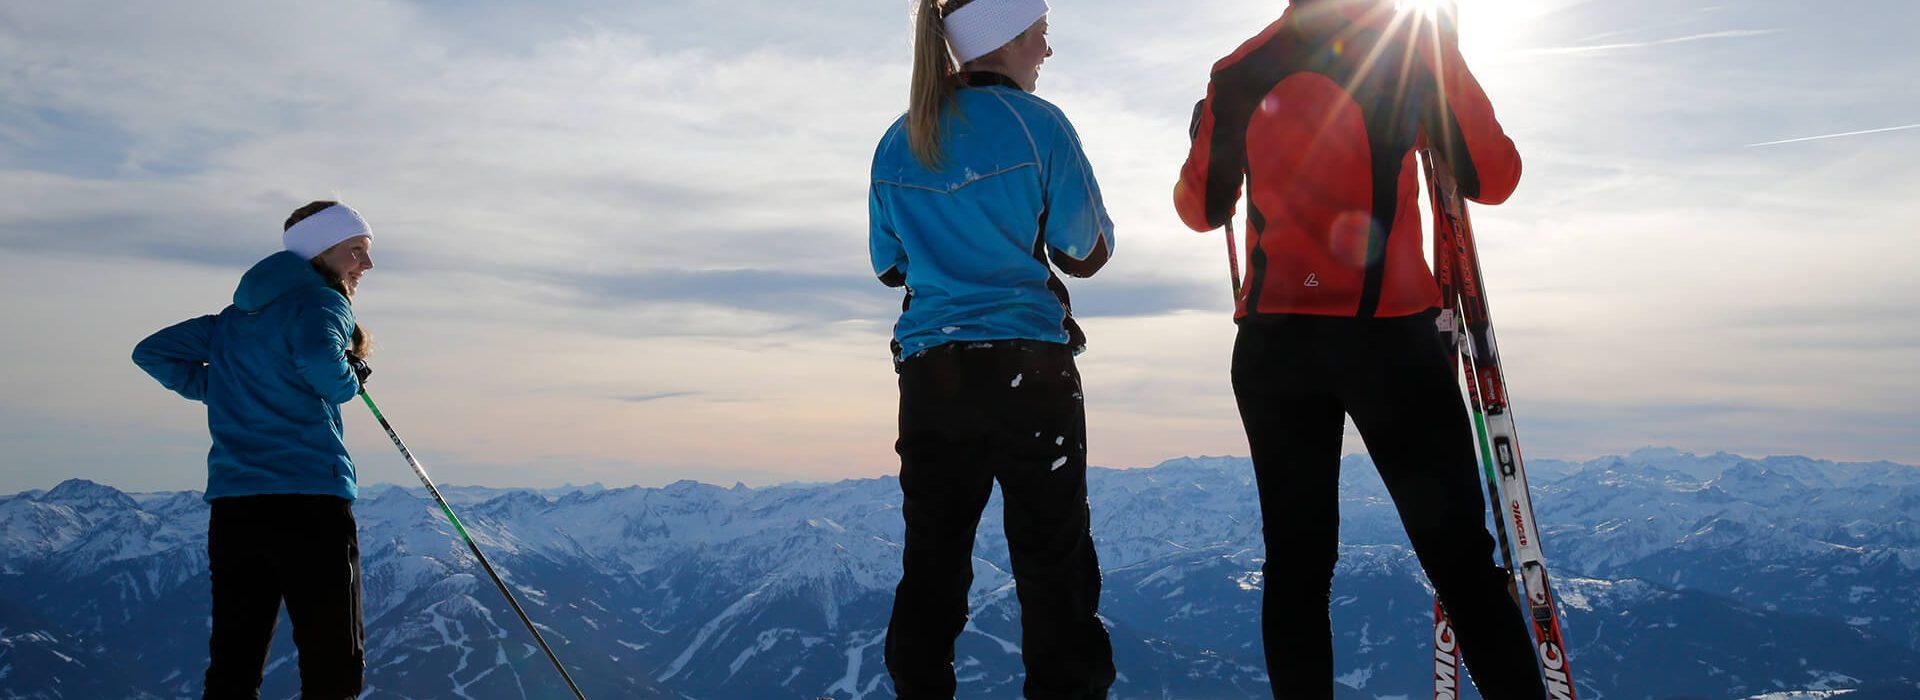 Langlaufen auf dem Gletscher